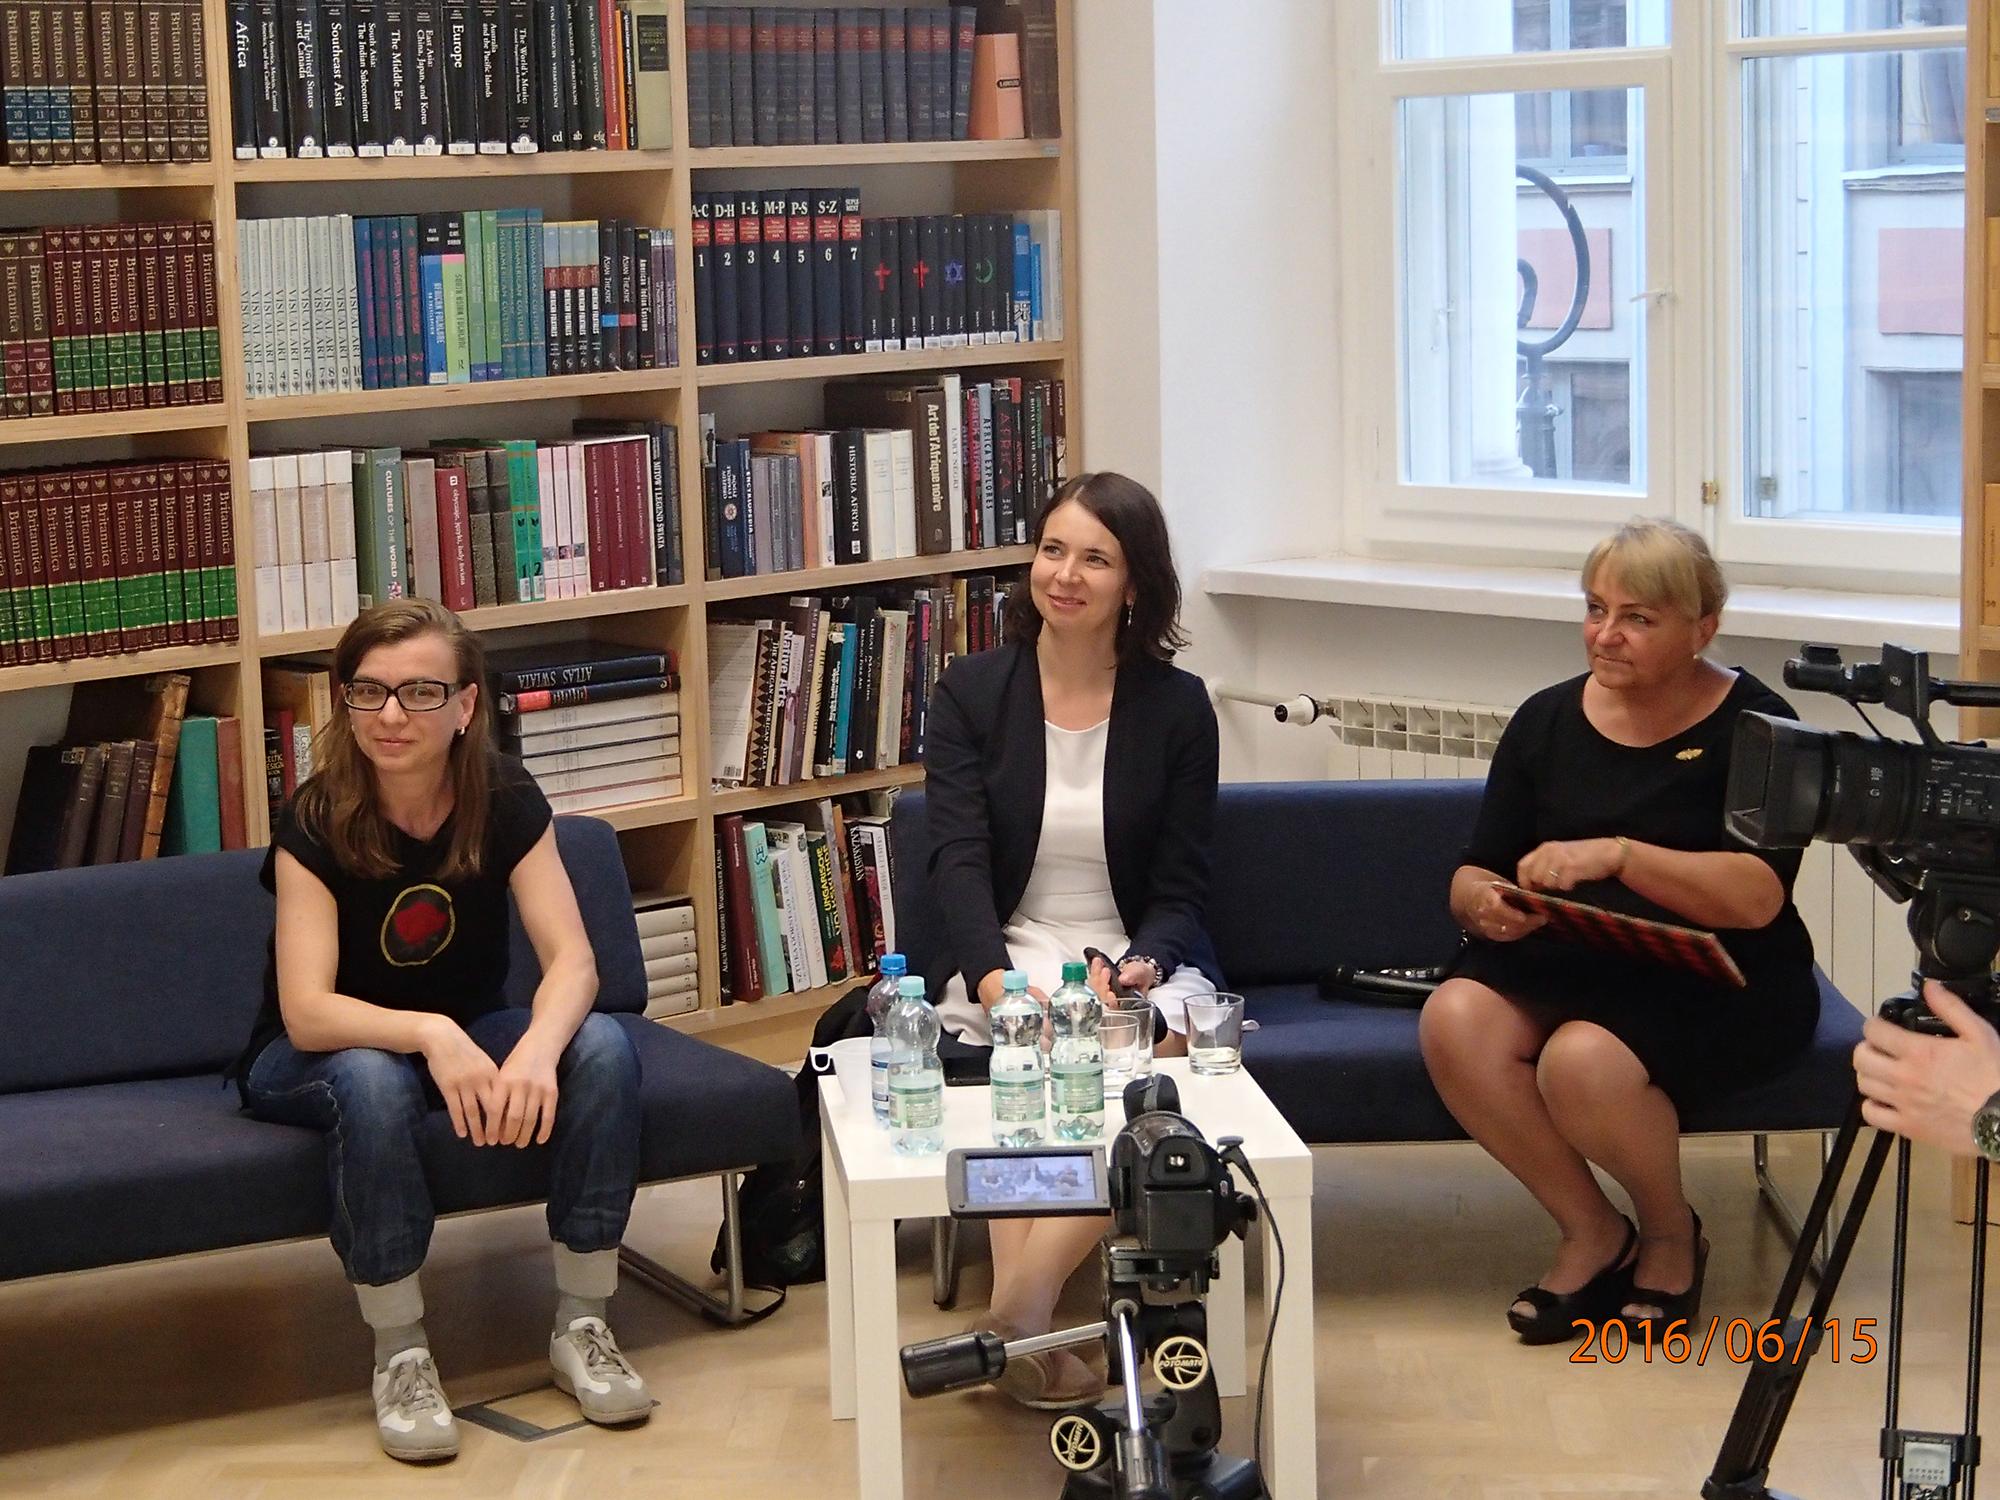 Orzeł ireszka. Polskie symbole narodowe apolityka płci, debata